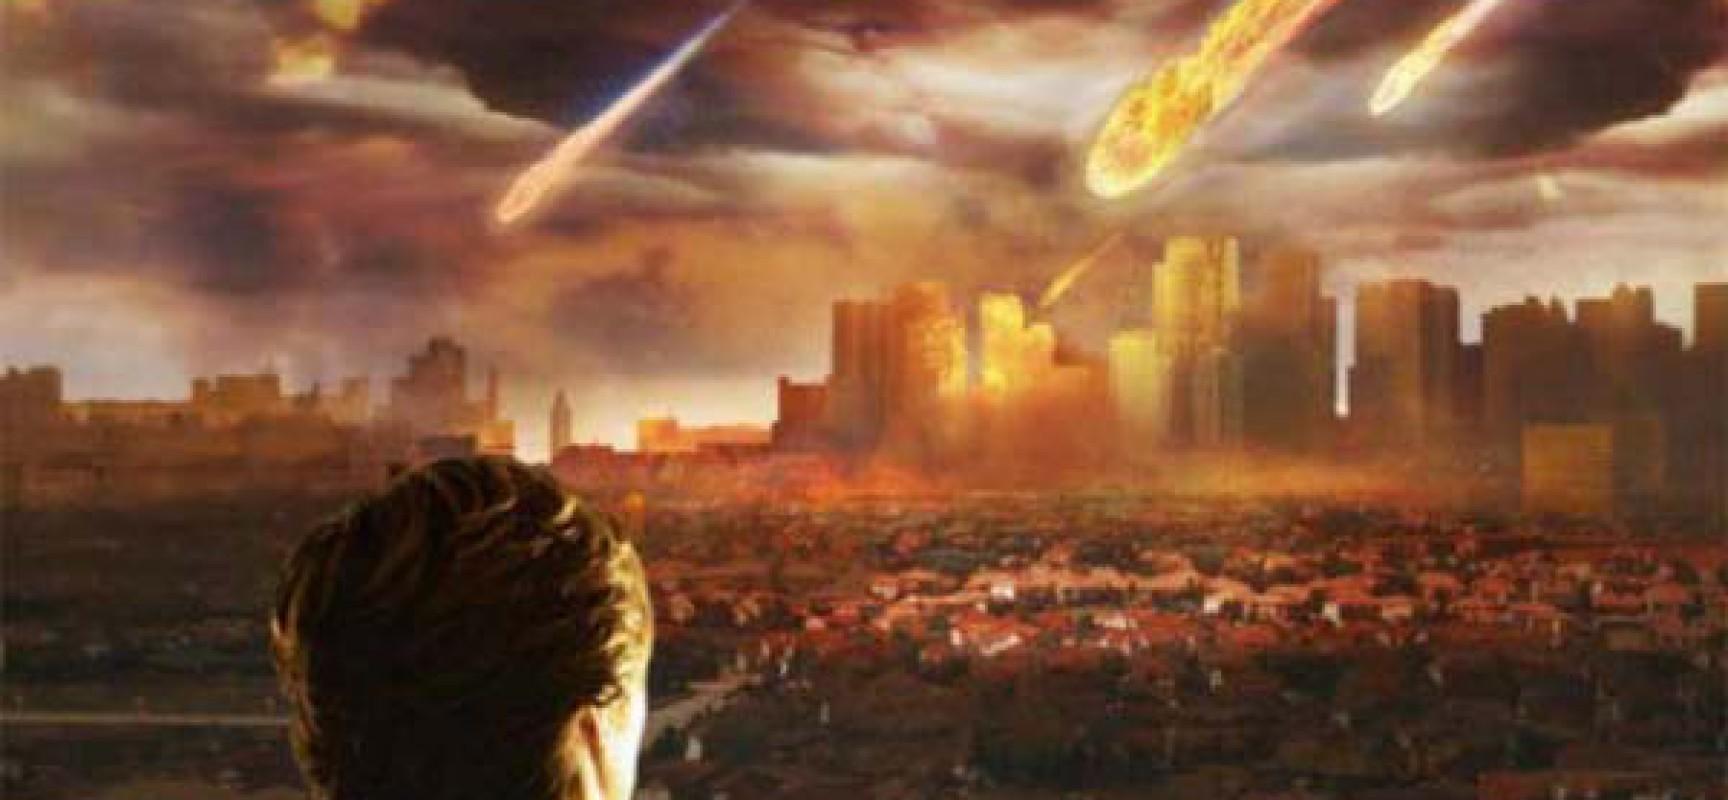 Будет ли 3-я мировая война в 2019-2020 годах. Предсказание ясновидящих и экстрасенсов новые фото